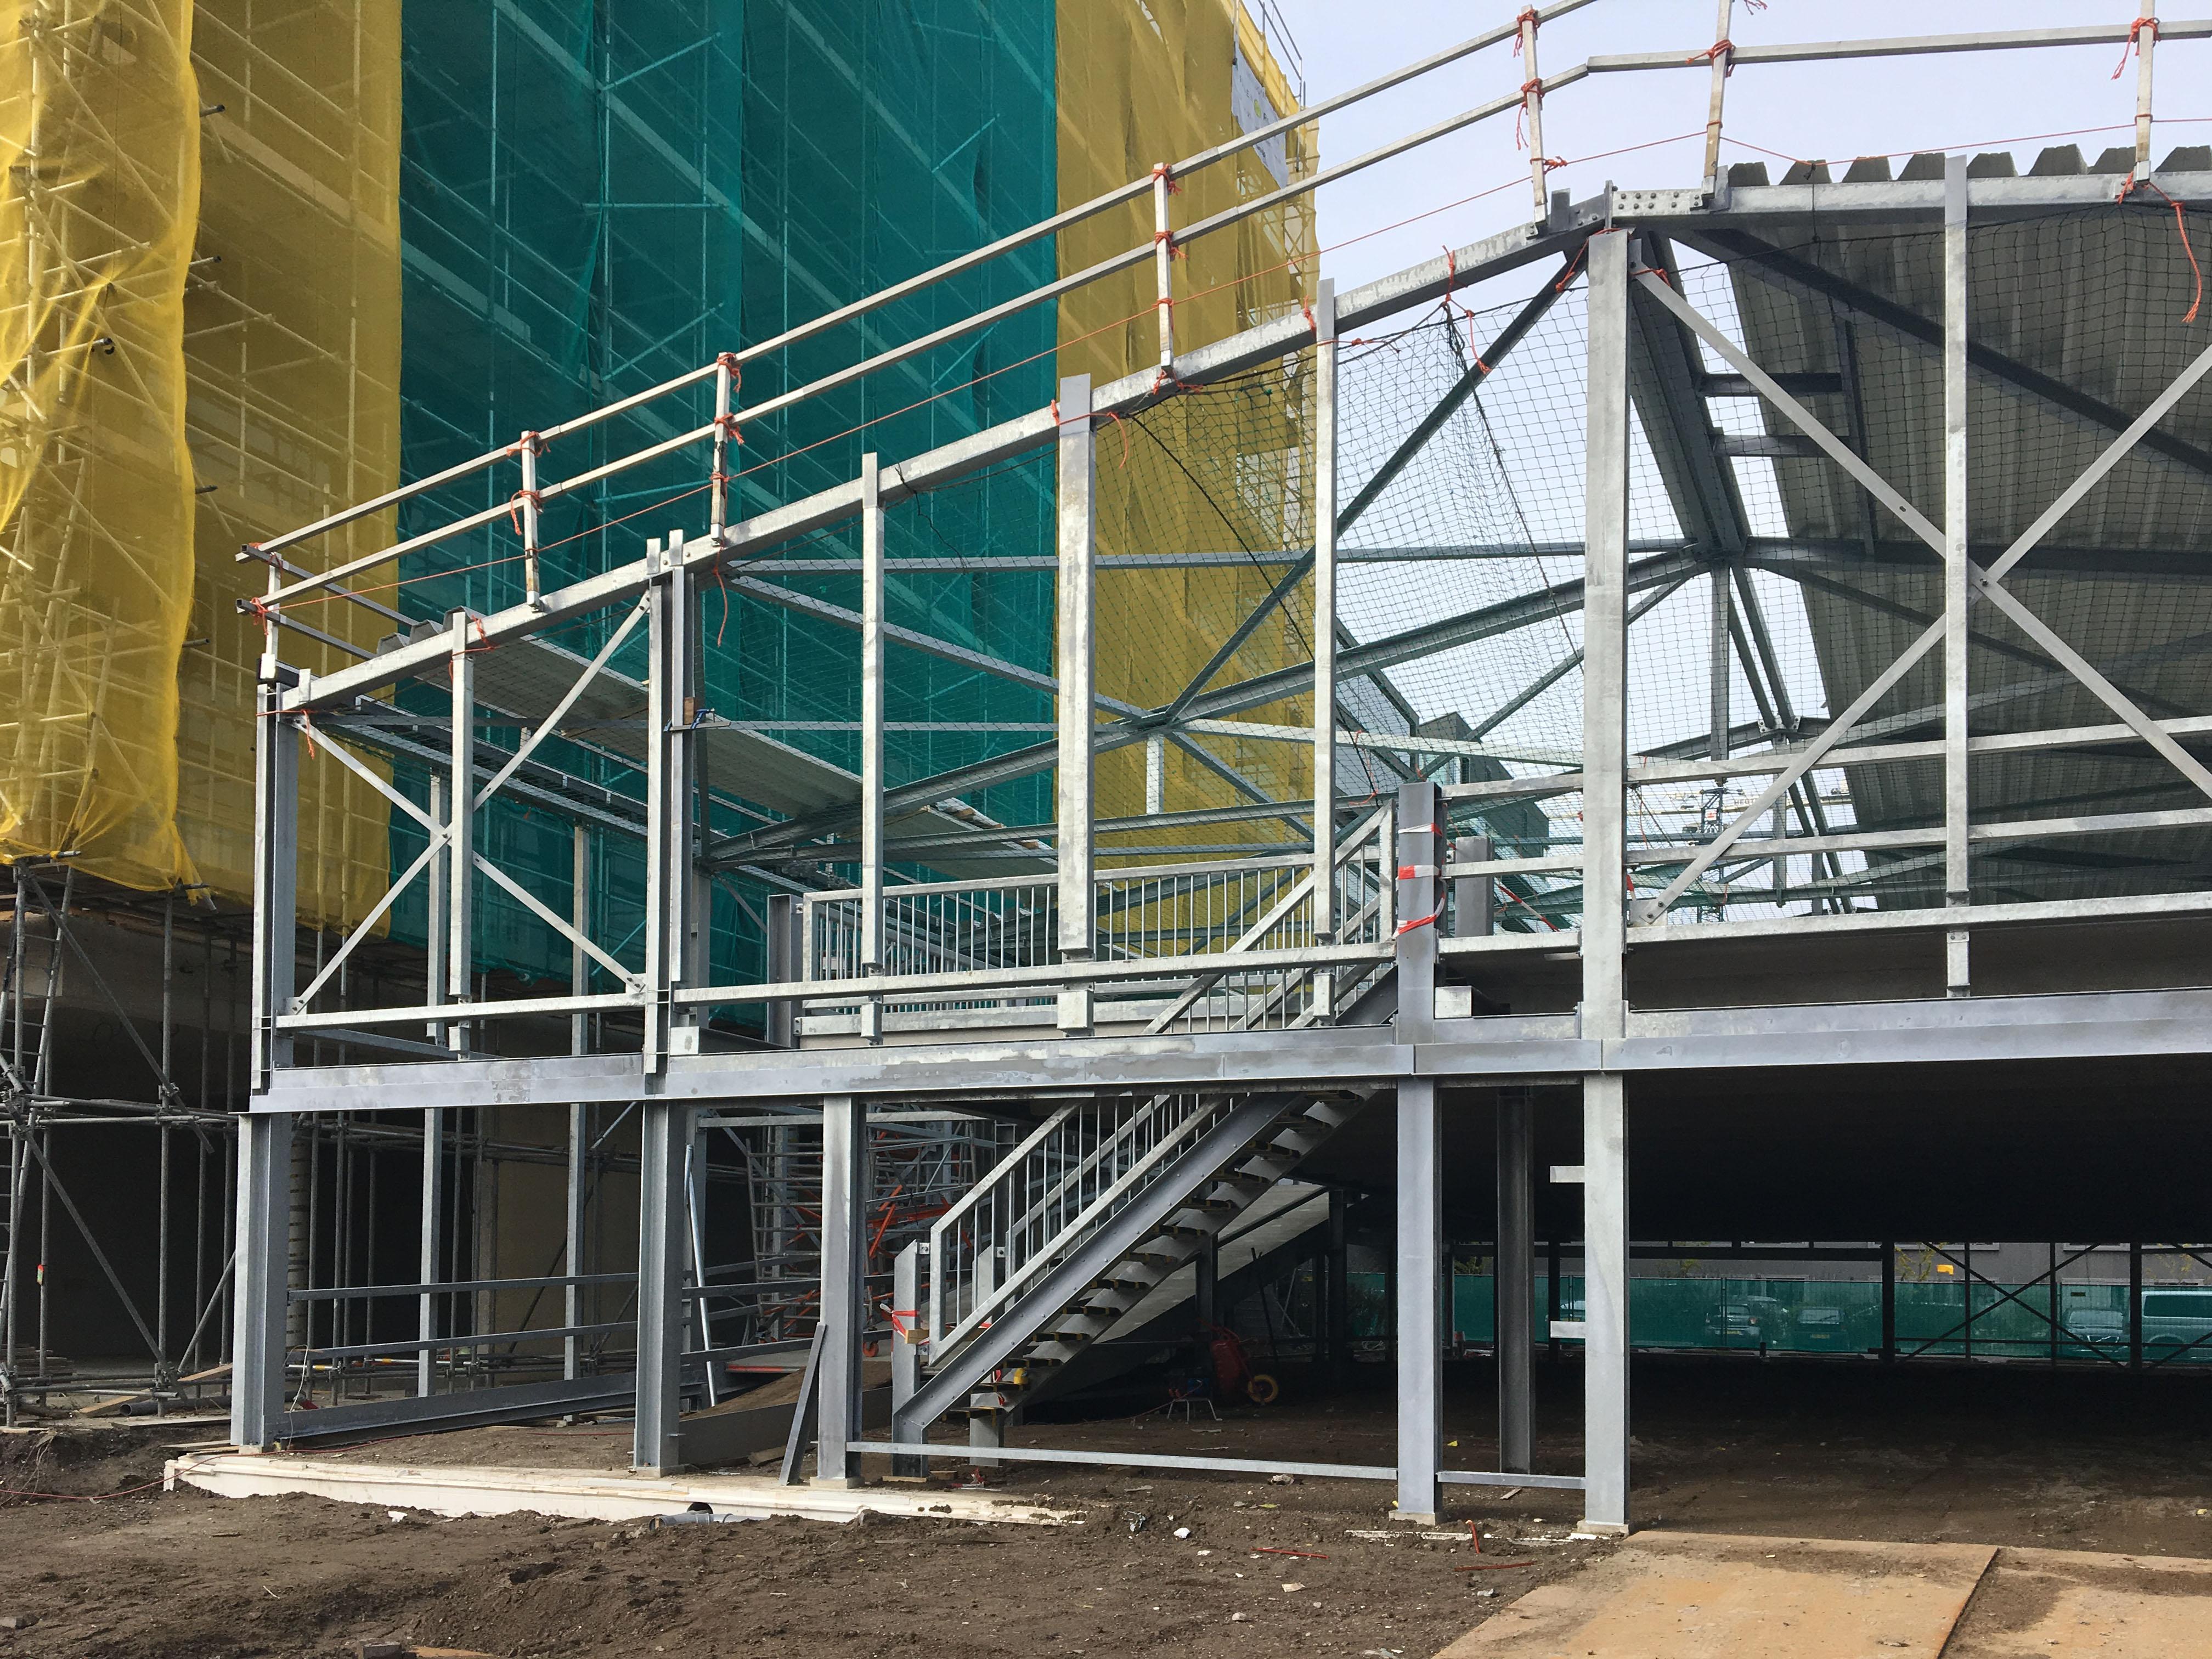 Hoogste punt bouw parkeergarage Top-Up Amsterdam